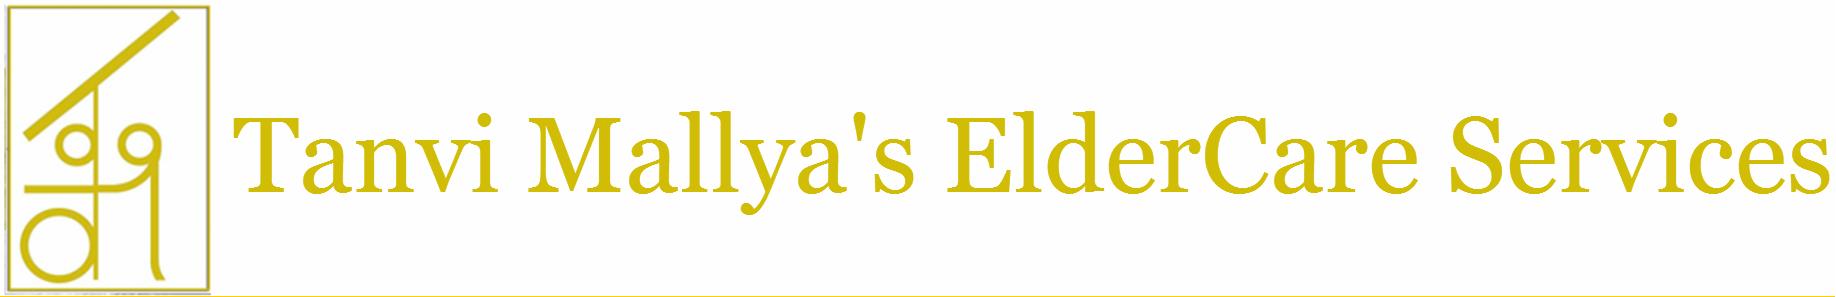 Tanvi Mallya's ElderCare Services